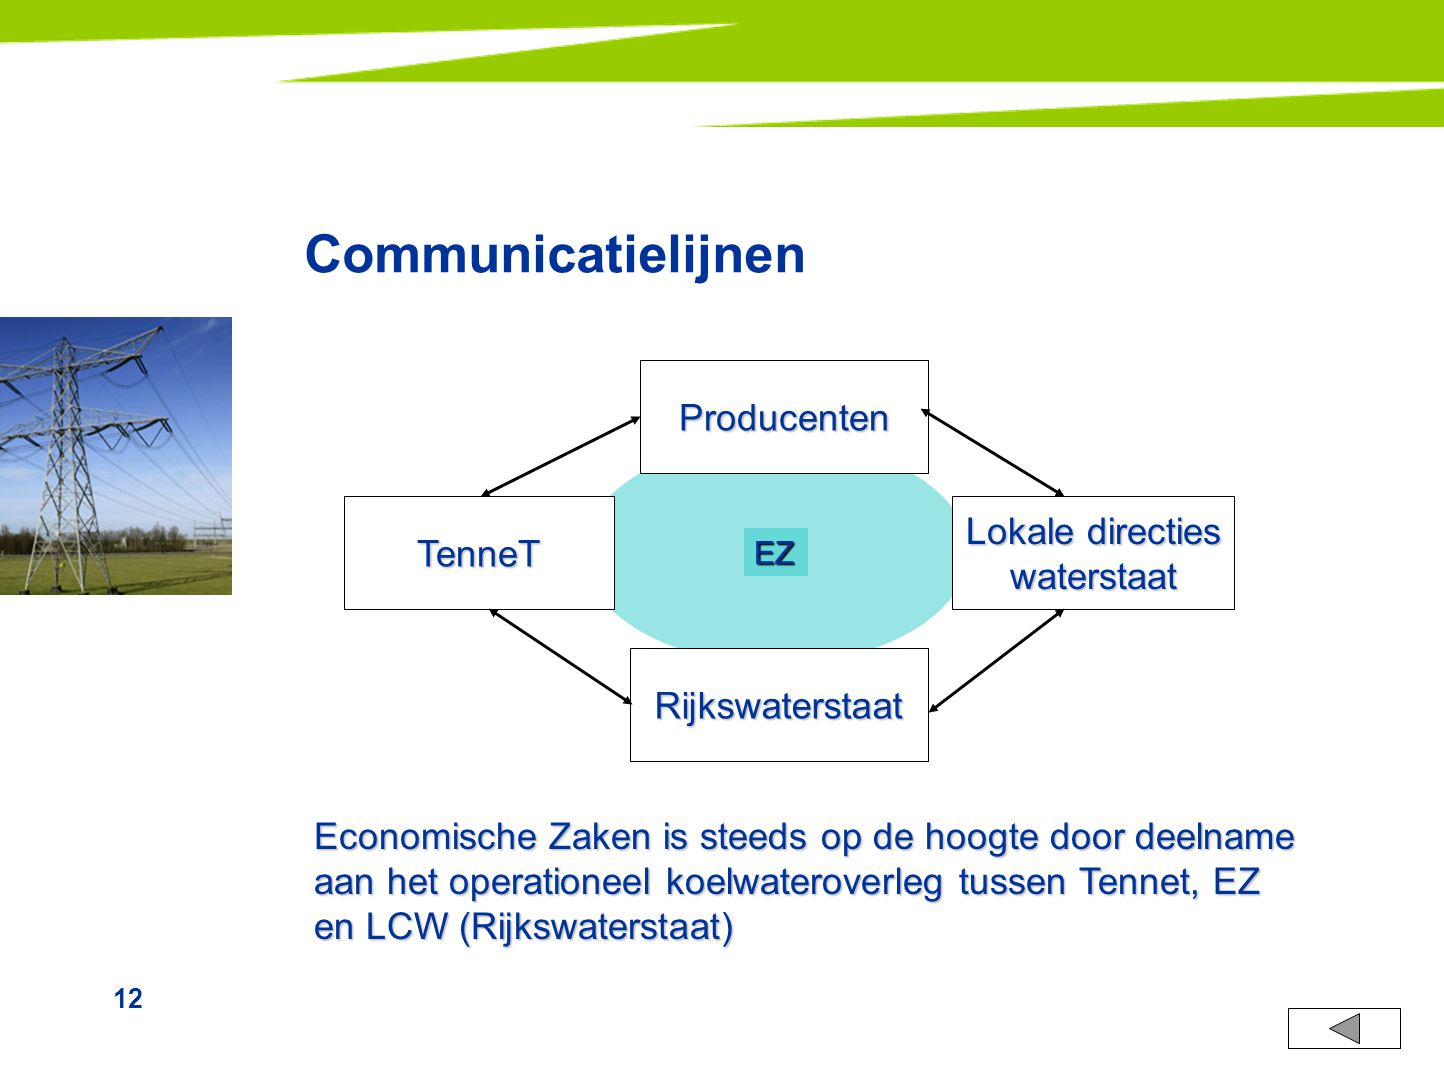 12 Communicatielijnen Producenten TenneT Rijkswaterstaat Lokale directies waterstaat Economische Zaken is steeds op de hoogte door deelname aan het op